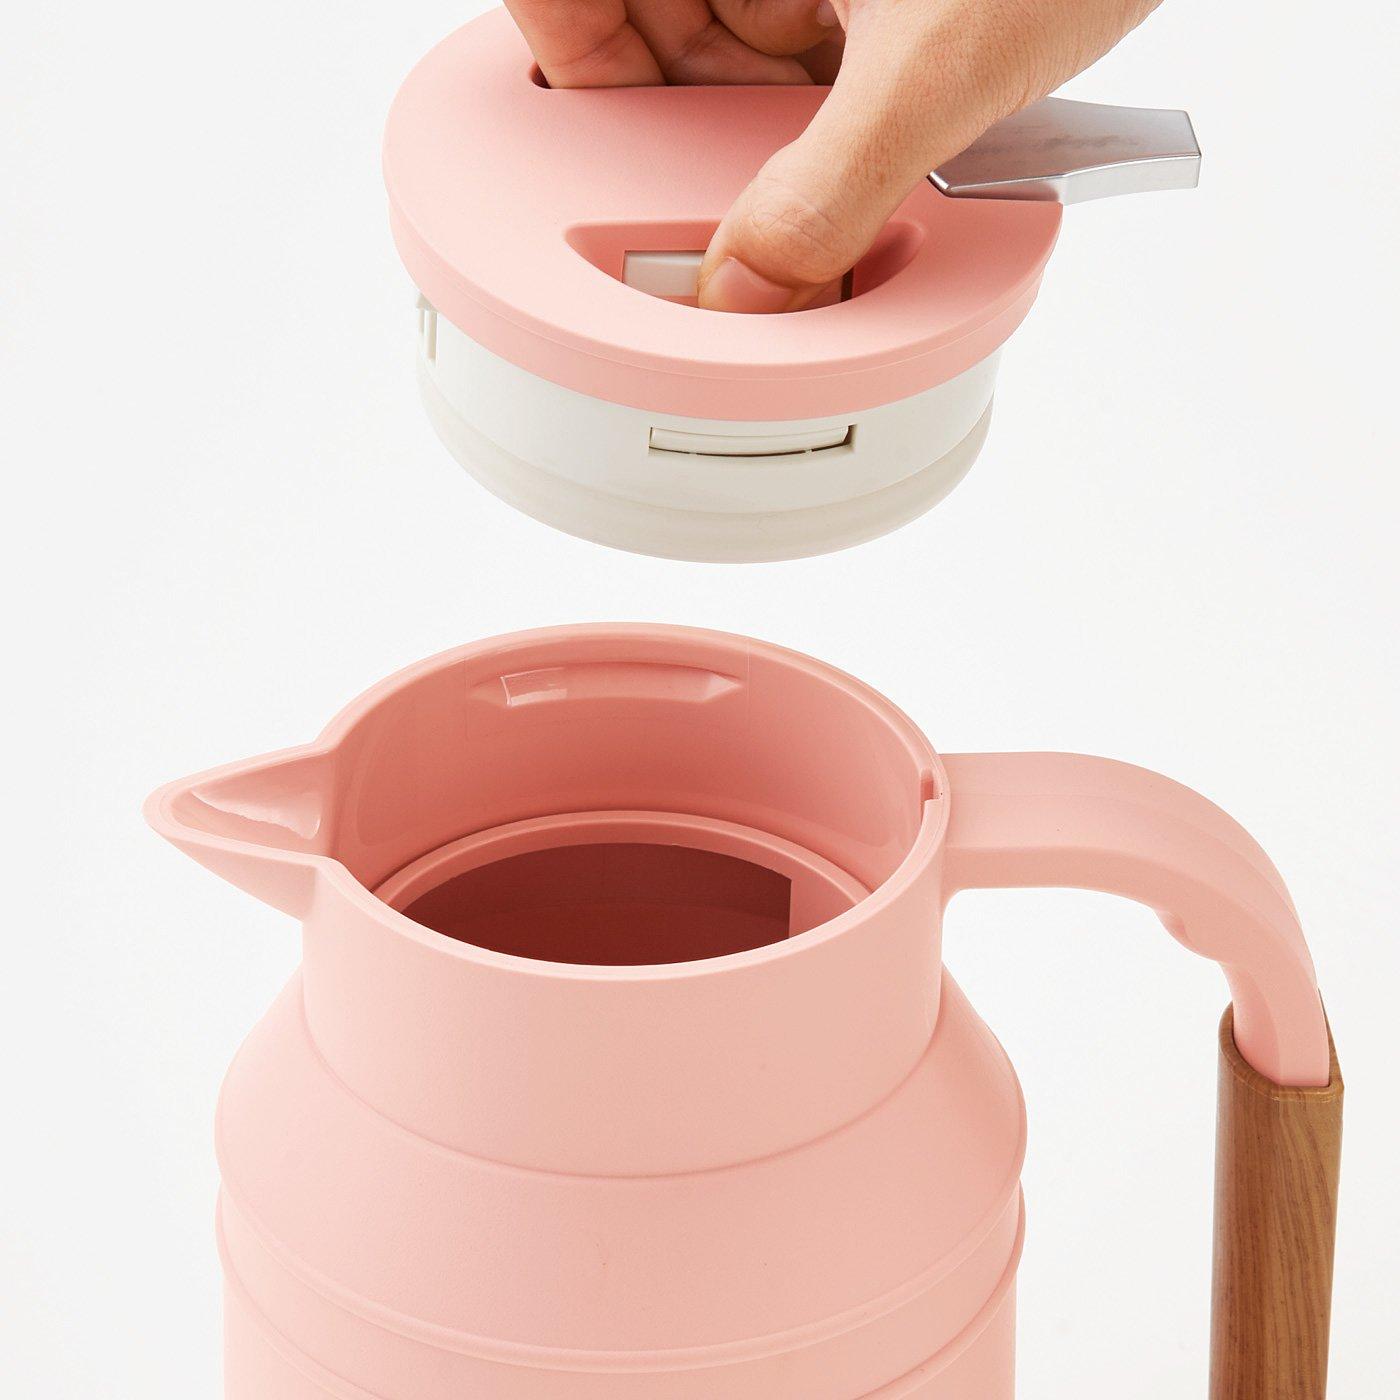 好みに合わせて温度設定OK ミルクタンクみたいな電気ケトル〈ピンク〉